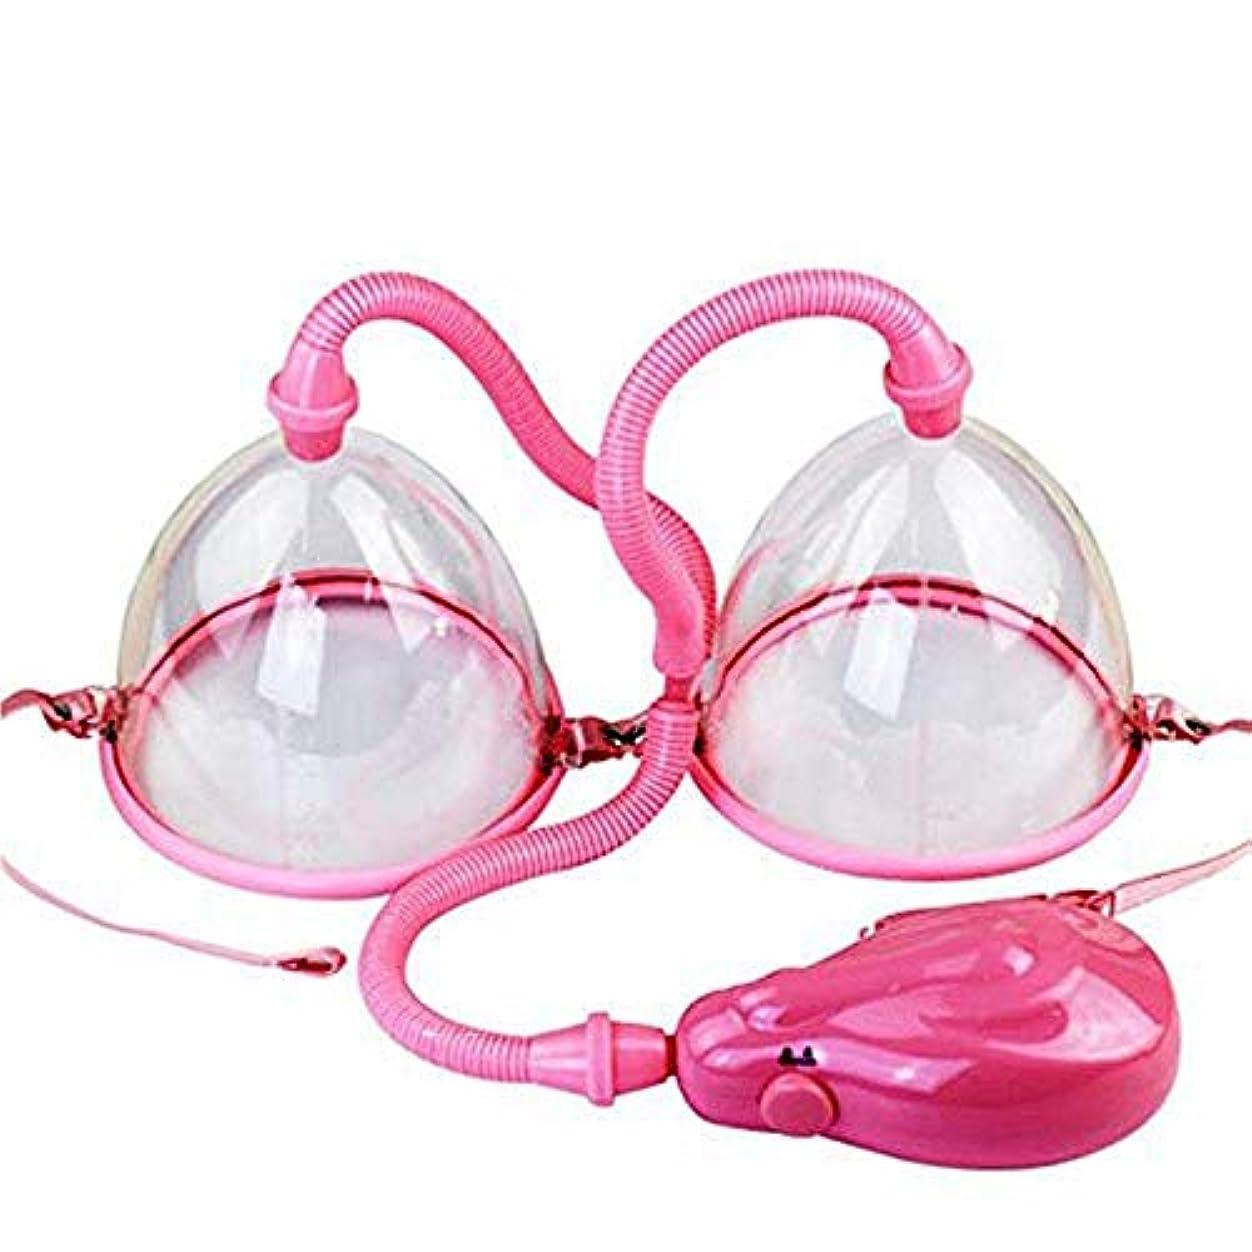 忍耐市民グローバル電動乳房マッサージバキュームカップ乳房拡大ポンプ乳首吸盤巨乳ベラマストアップ振動ブラジャー拡大強化